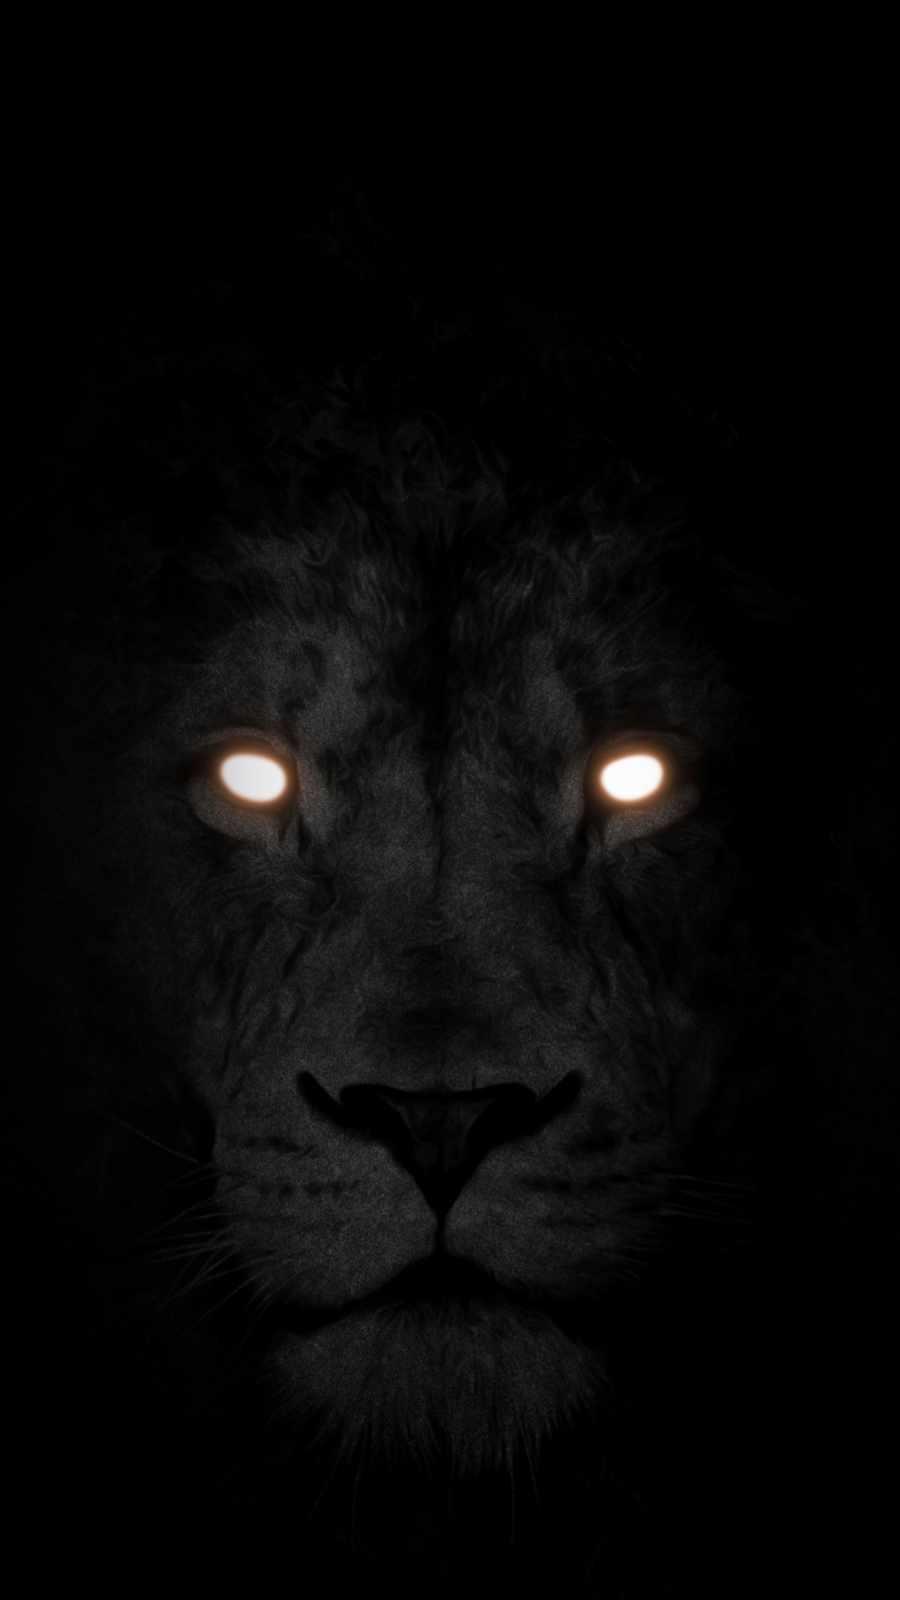 Glow Eye Lion